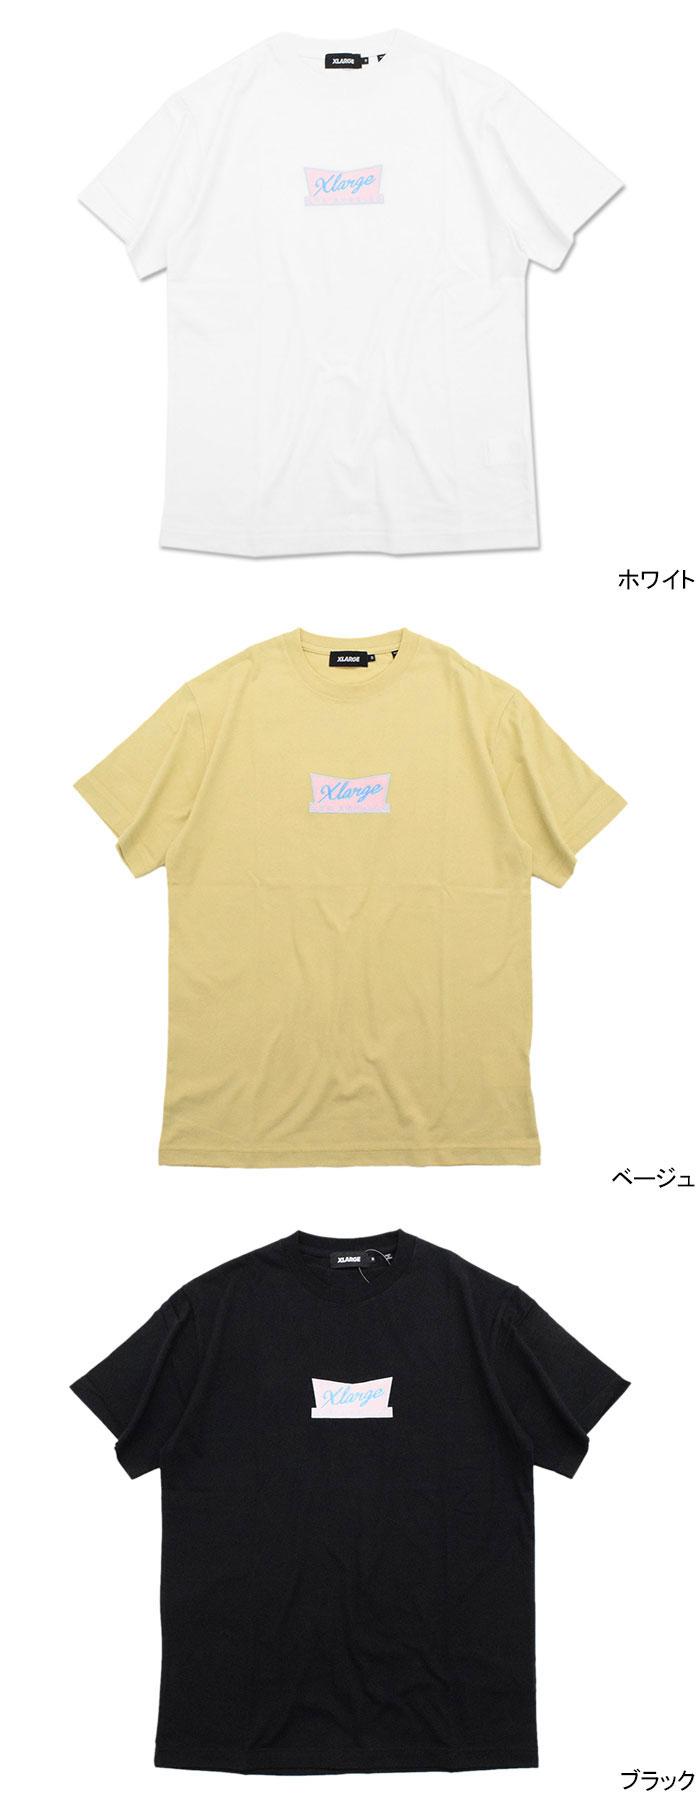 X-LARGEエクストララージのTシャツ Xlarge Sign03